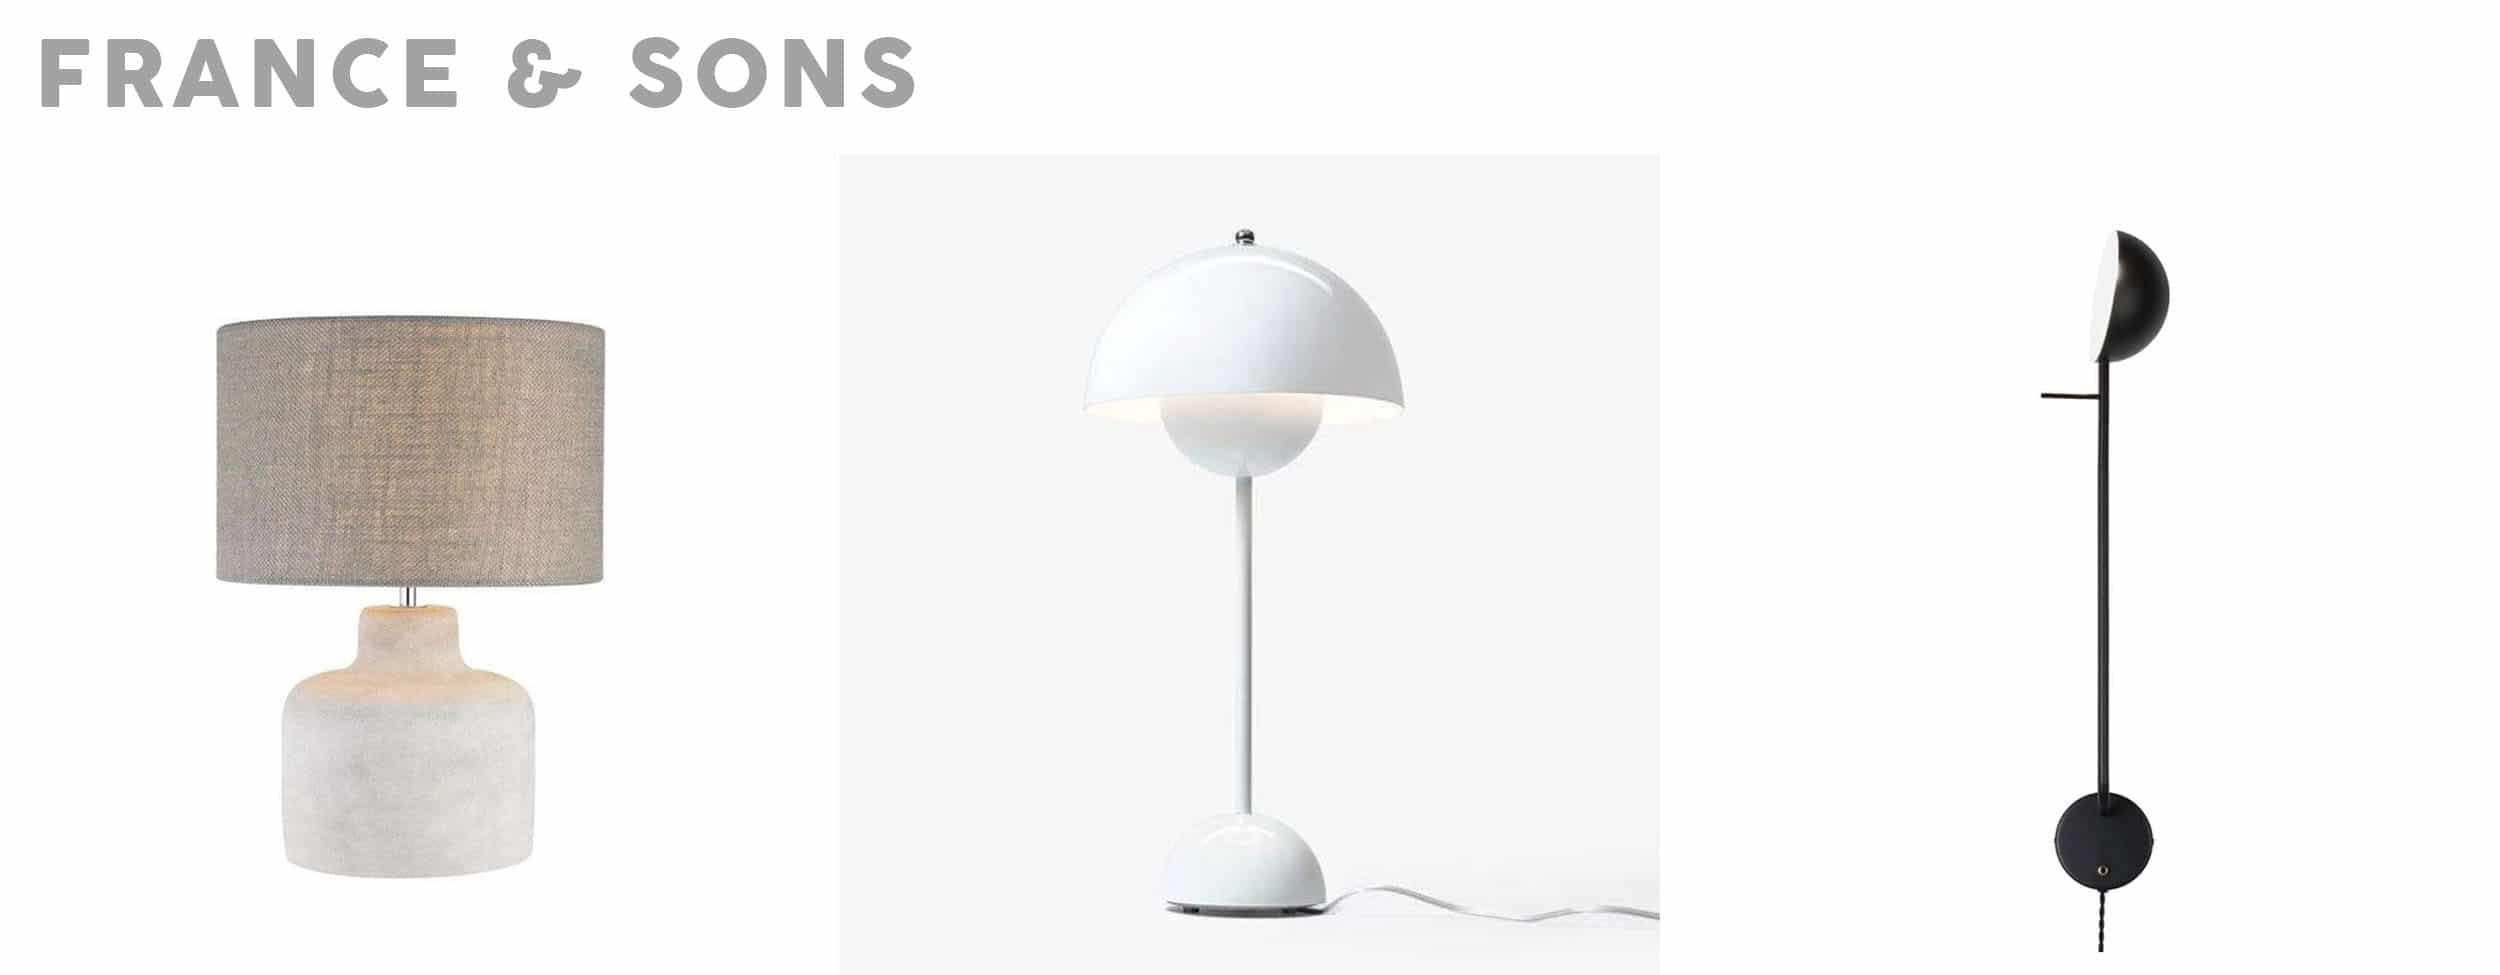 Emily Henderson affordable living room lighting_6